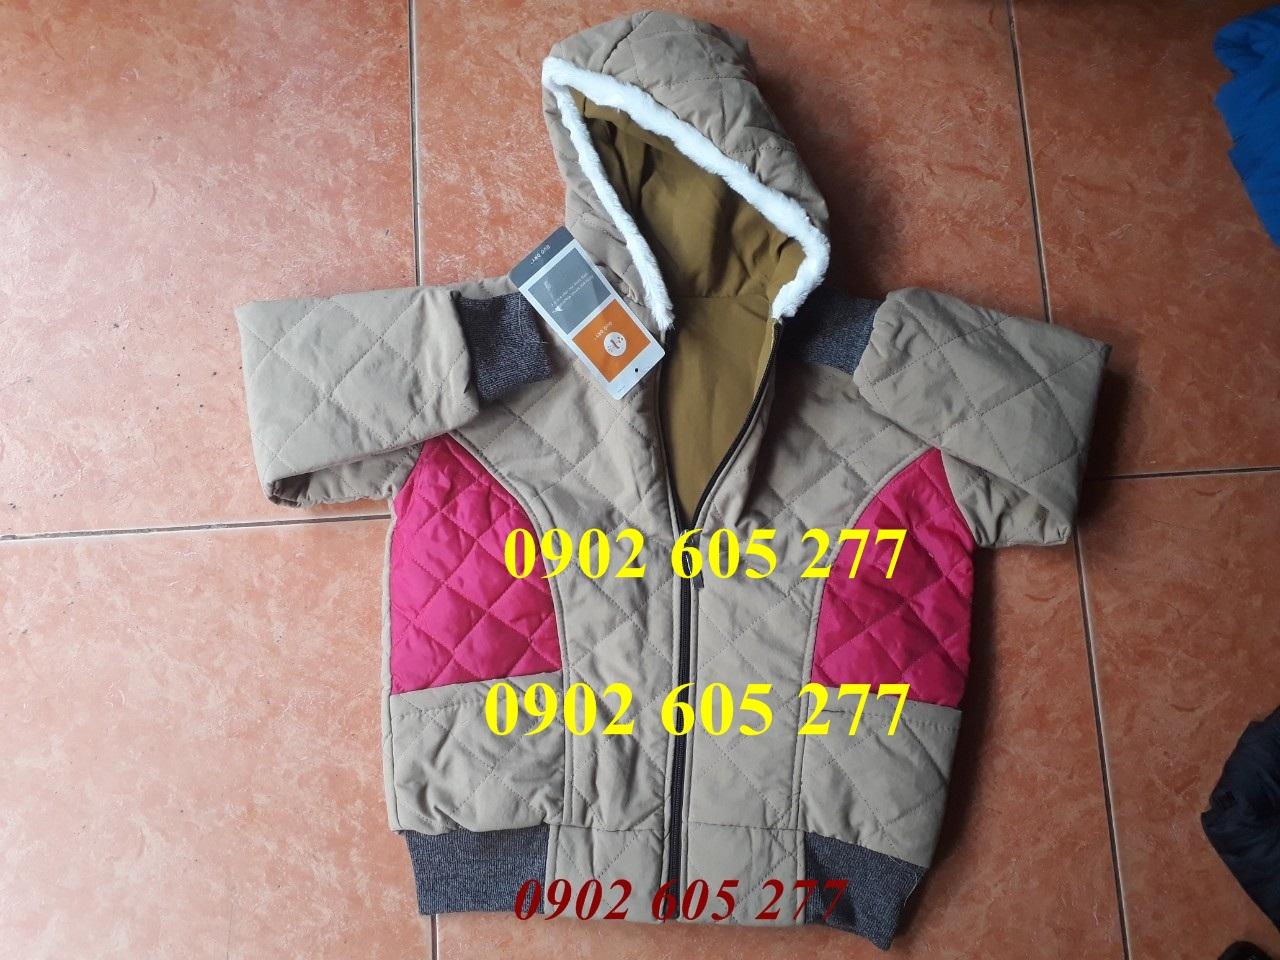 Áo ấm từ thiện giá rẻ phù hợp cho trẻ em tại PleiKu